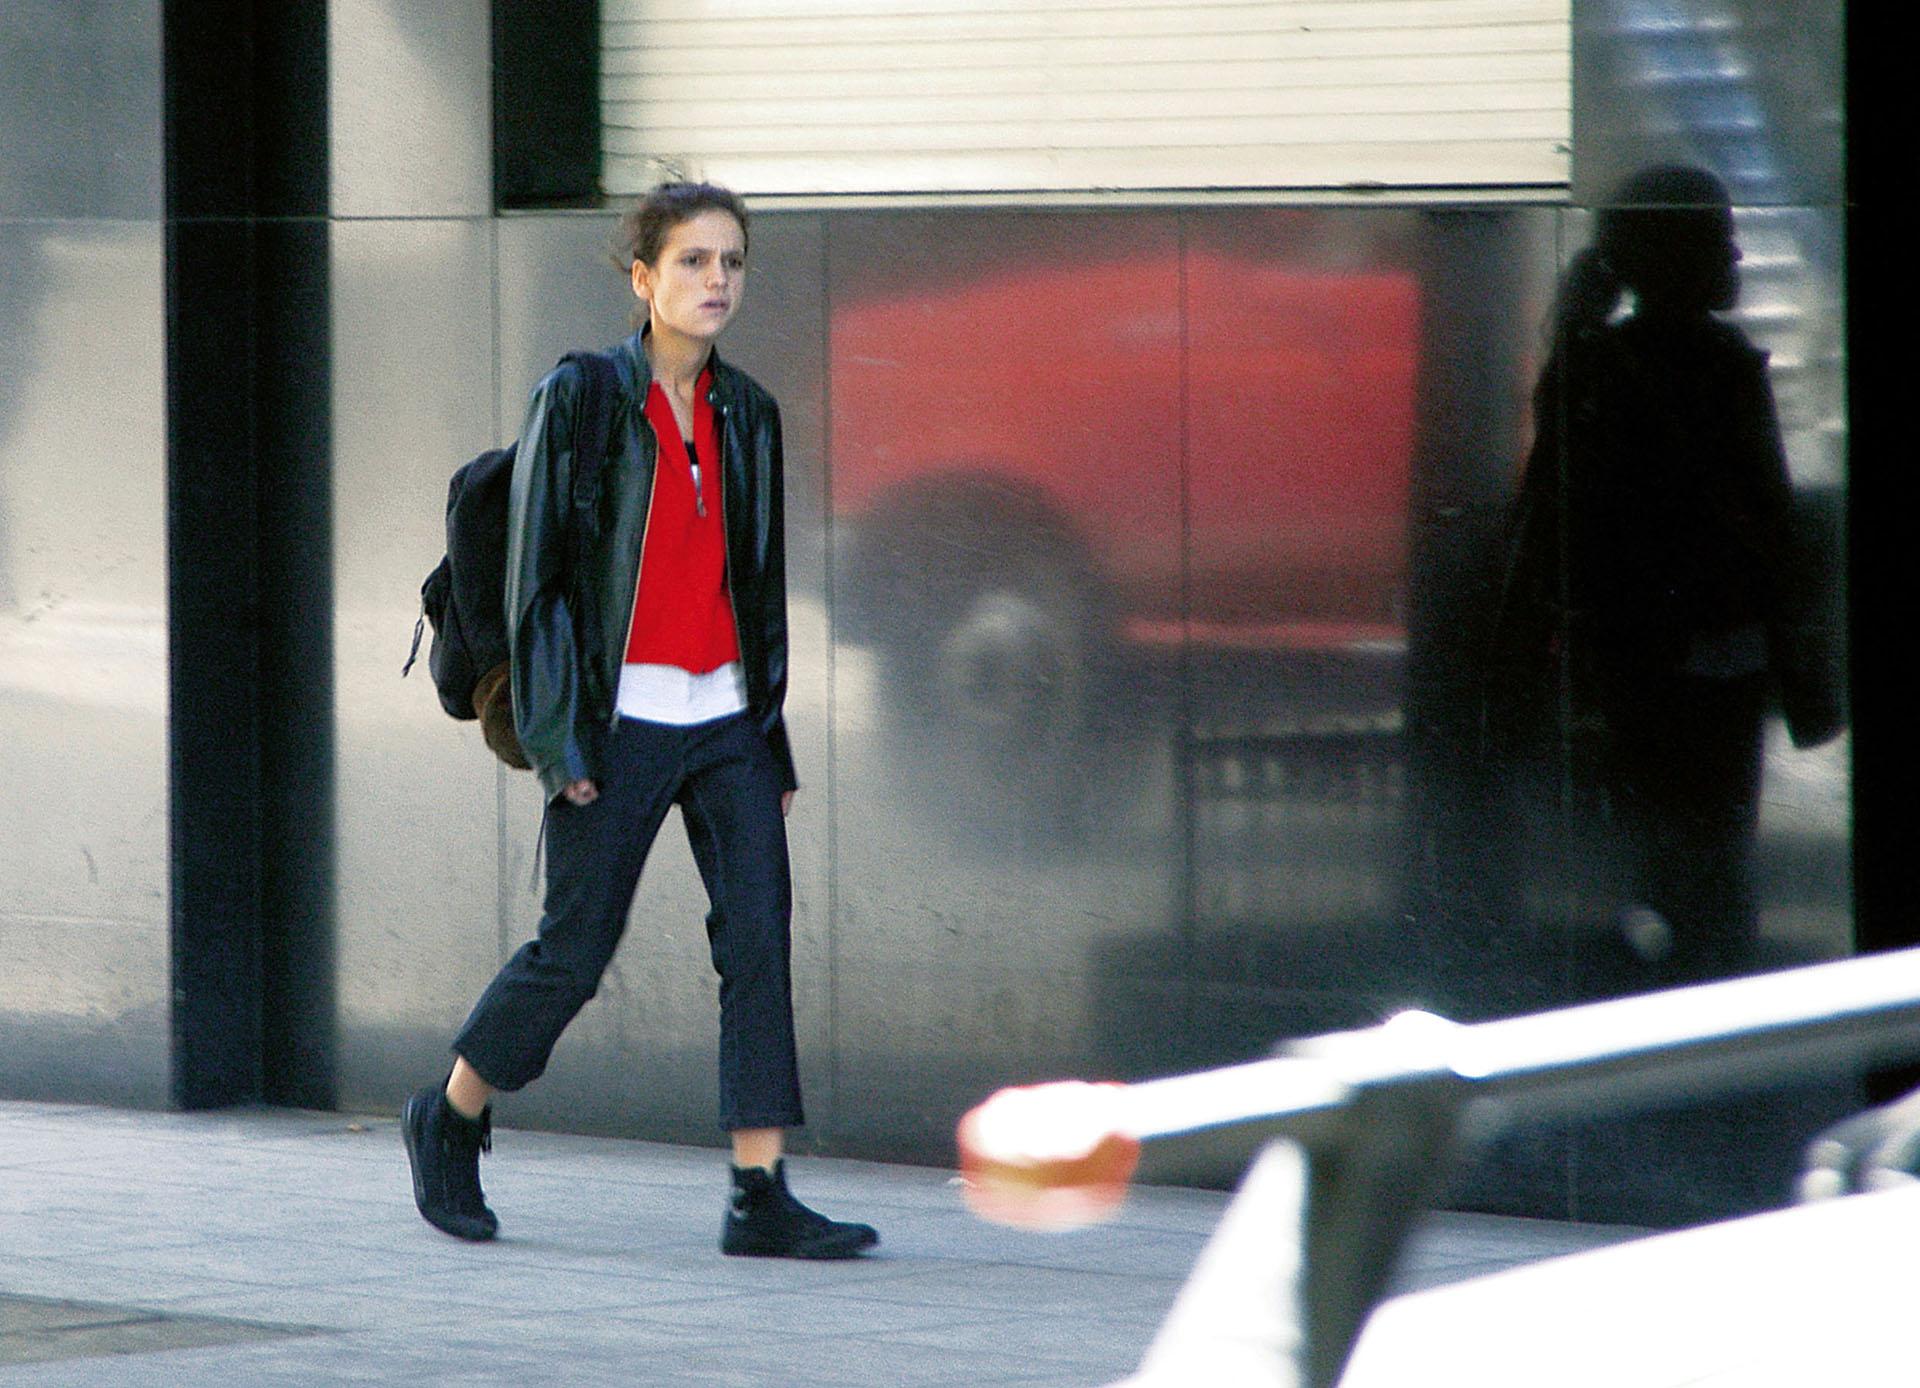 Inés estuvo internada en el neuropsiquiátrico Avril, en la Capital Federal, por un cuadro de trastorno de personalidad sumado a la anorexia que la aquejaba desde hacía años, publicaron los medios en aquellos años (PikoPress)